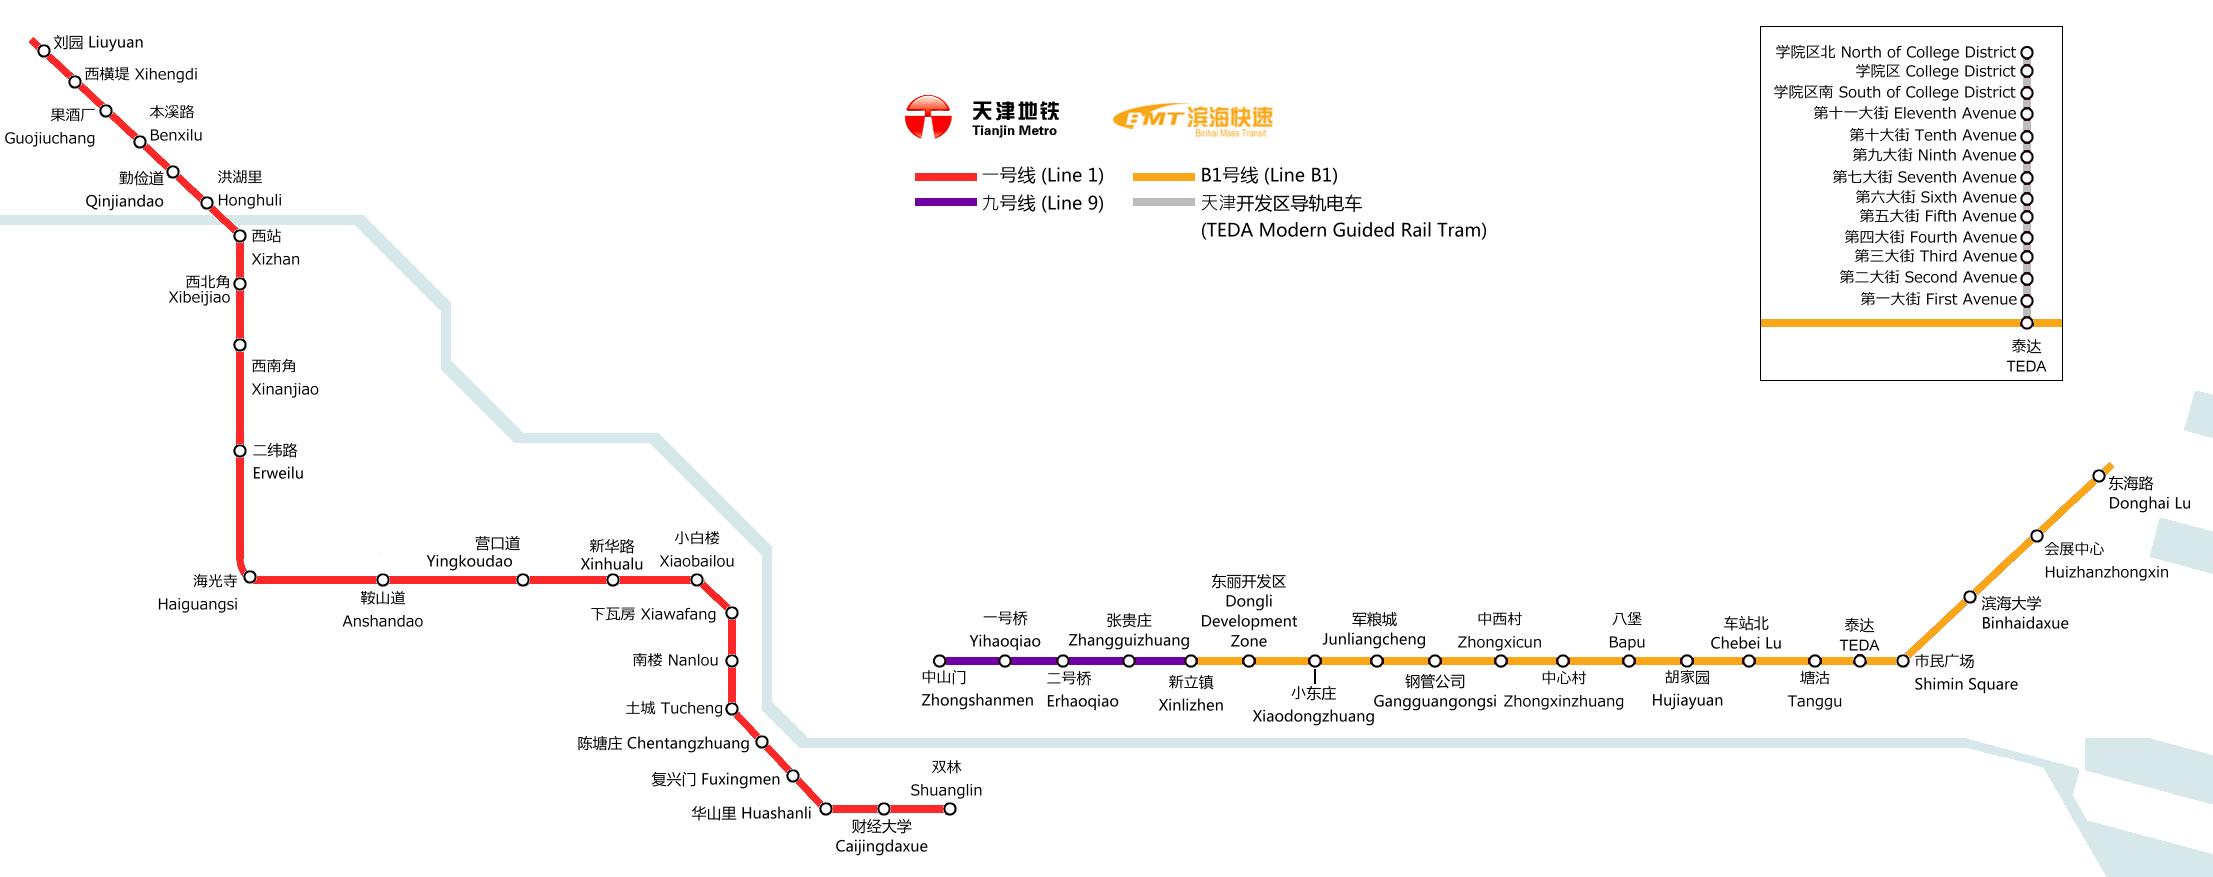 Tianjin Subway Map.Tianjin Metro Map China